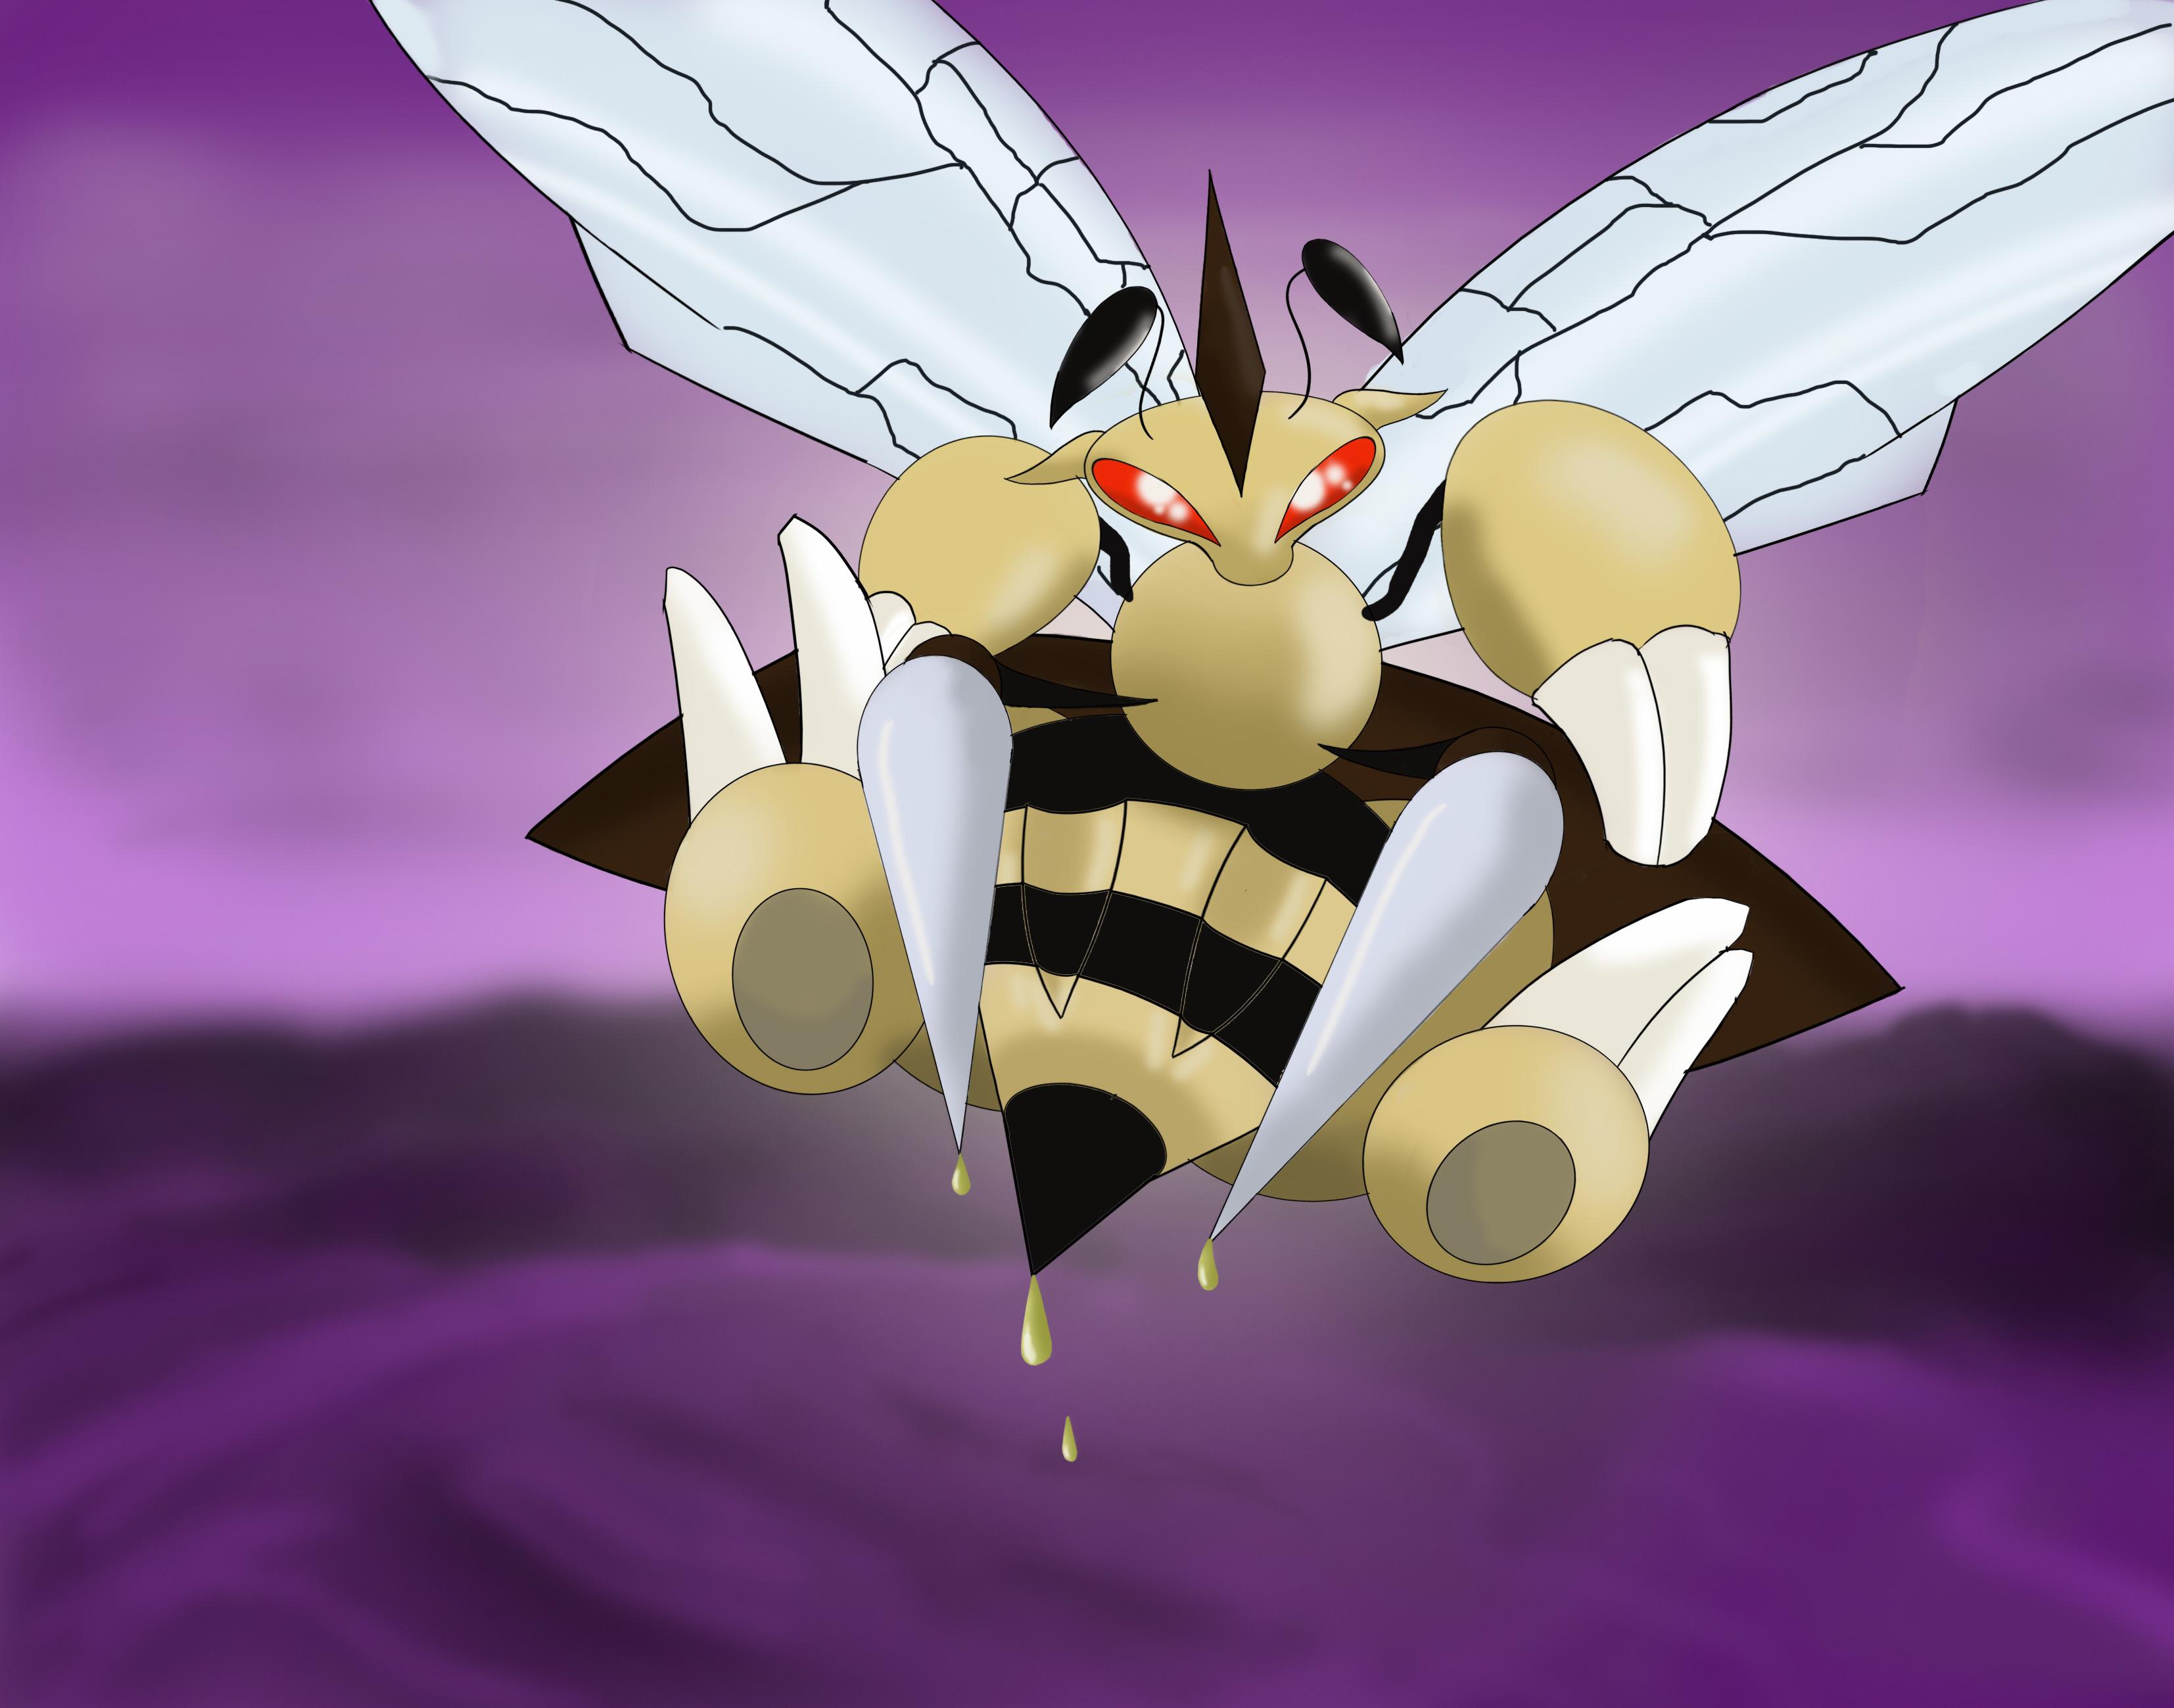 Sandrillo! The Pokemon Mashup!